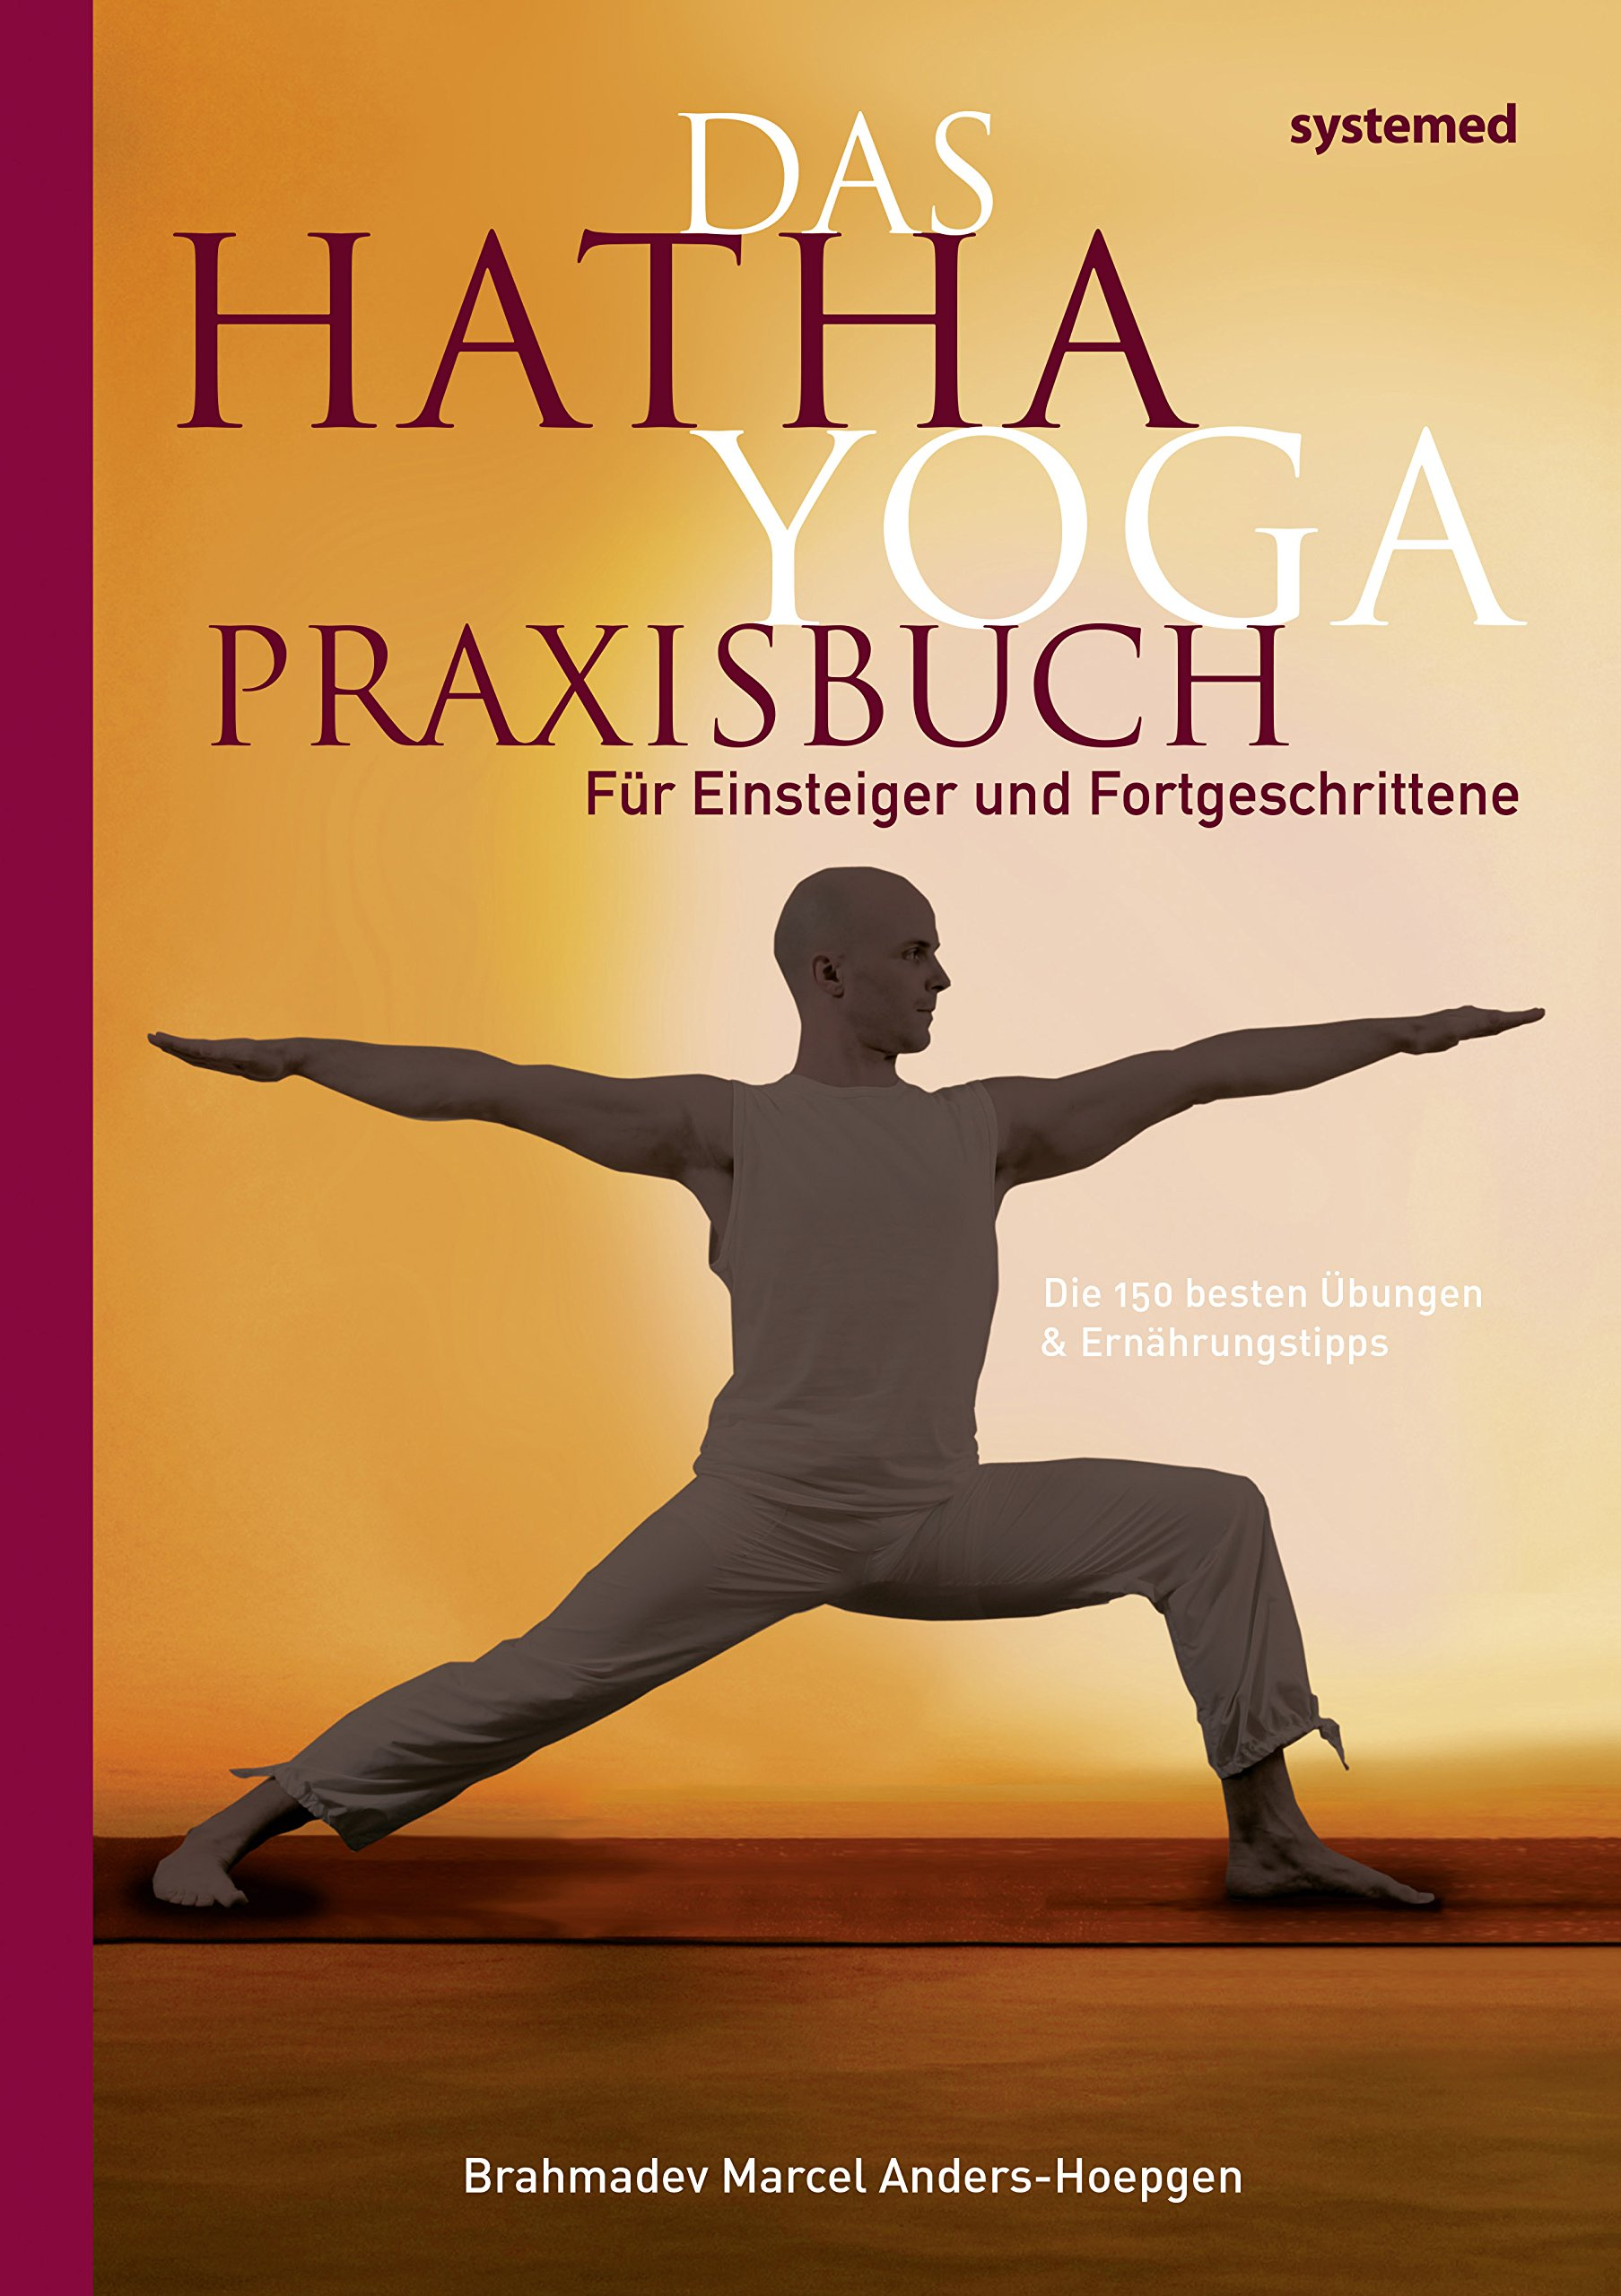 Das Hatha-Yoga Praxisbuch: Für Einsteiger und ...